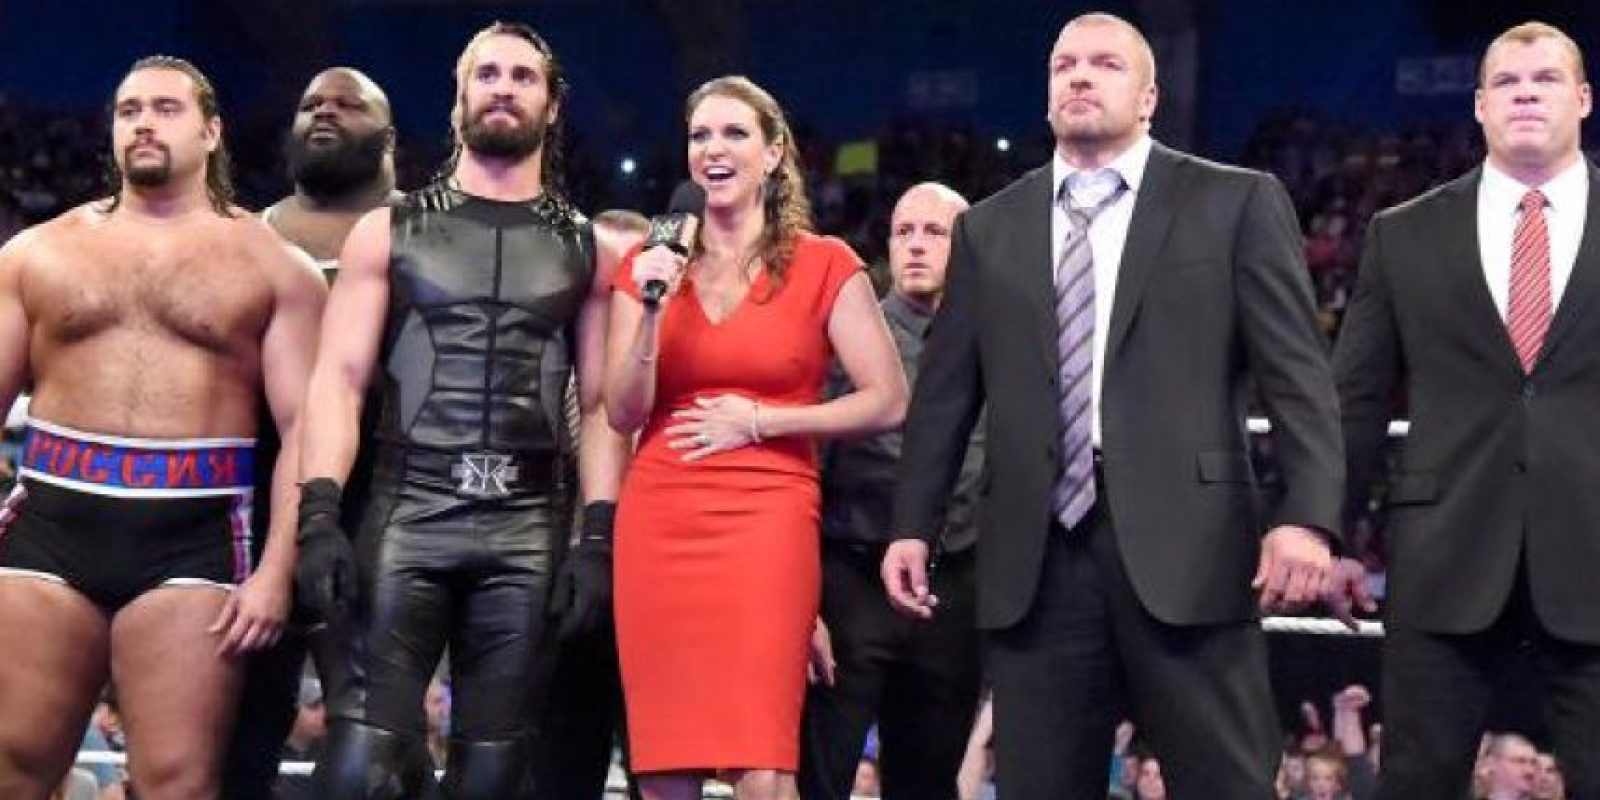 Cuando parecía que La Autoridad había mermado a Cena, el rapero consiguió un equipo fuerte para Survivor Series Foto:WWE